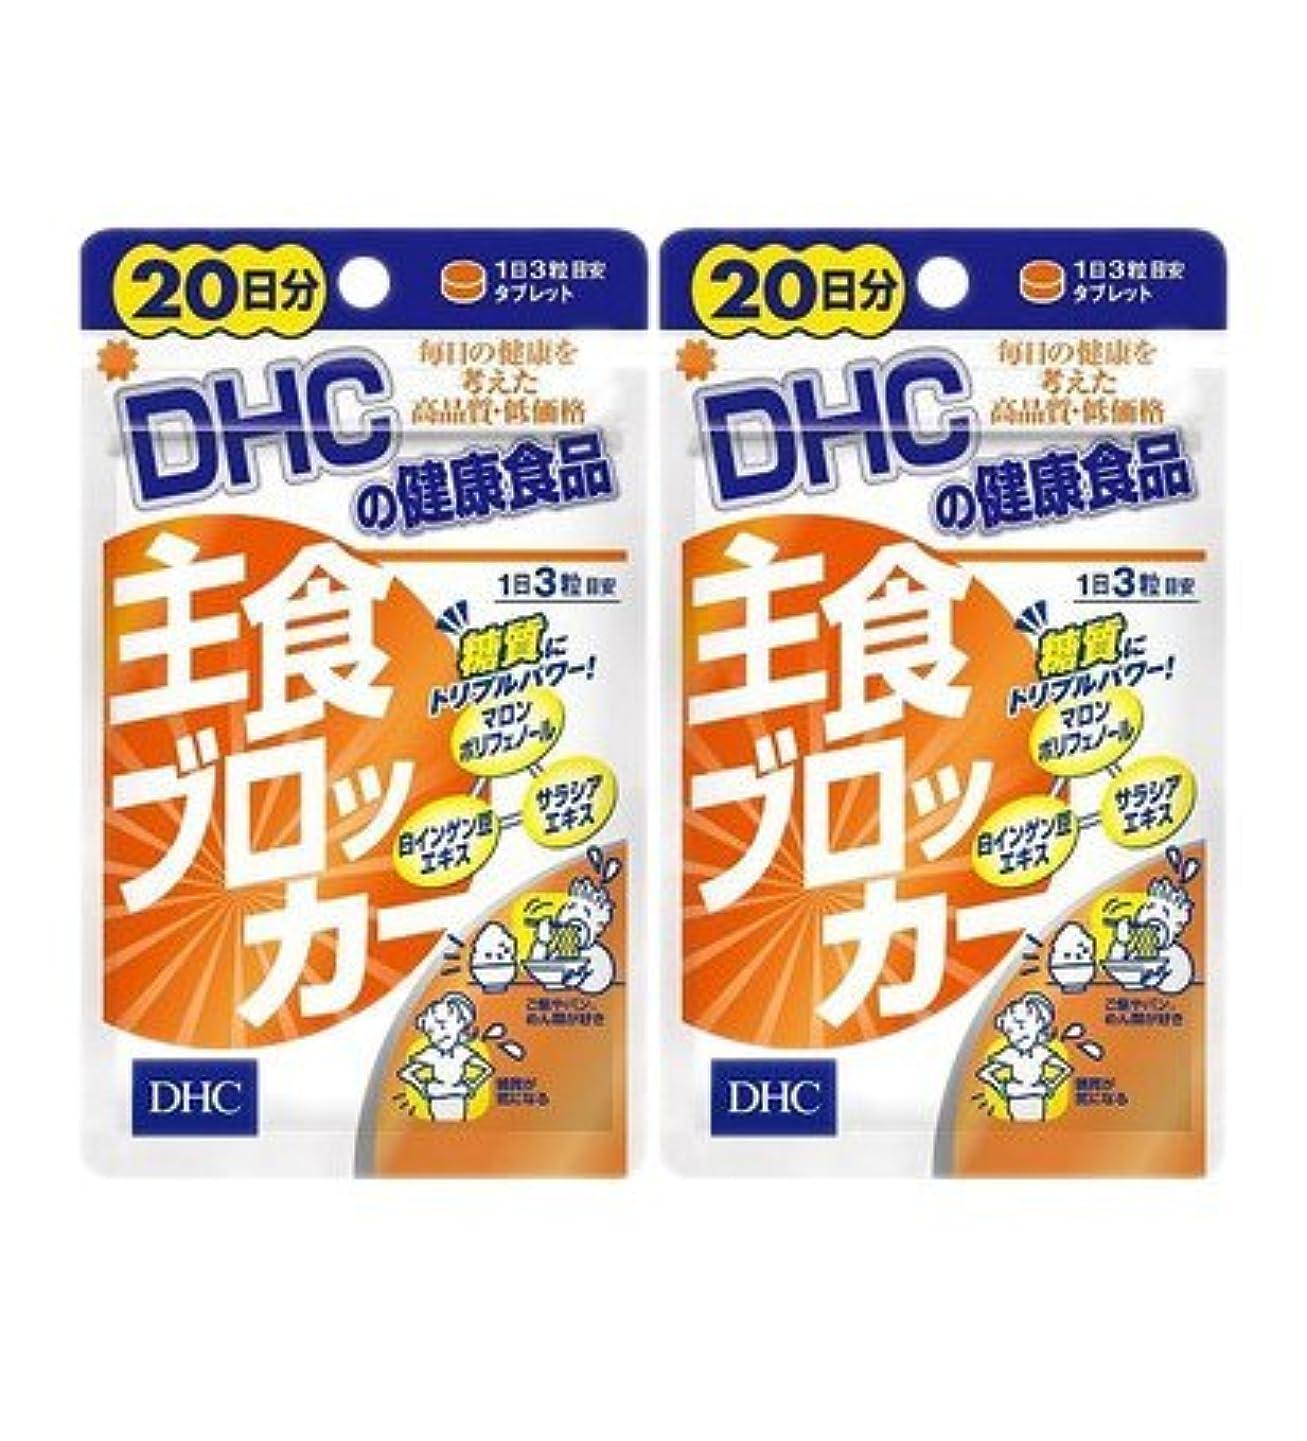 プライバシー害ファッション【2個セット】DHC 主食ブロッカー 20日分 60粒入